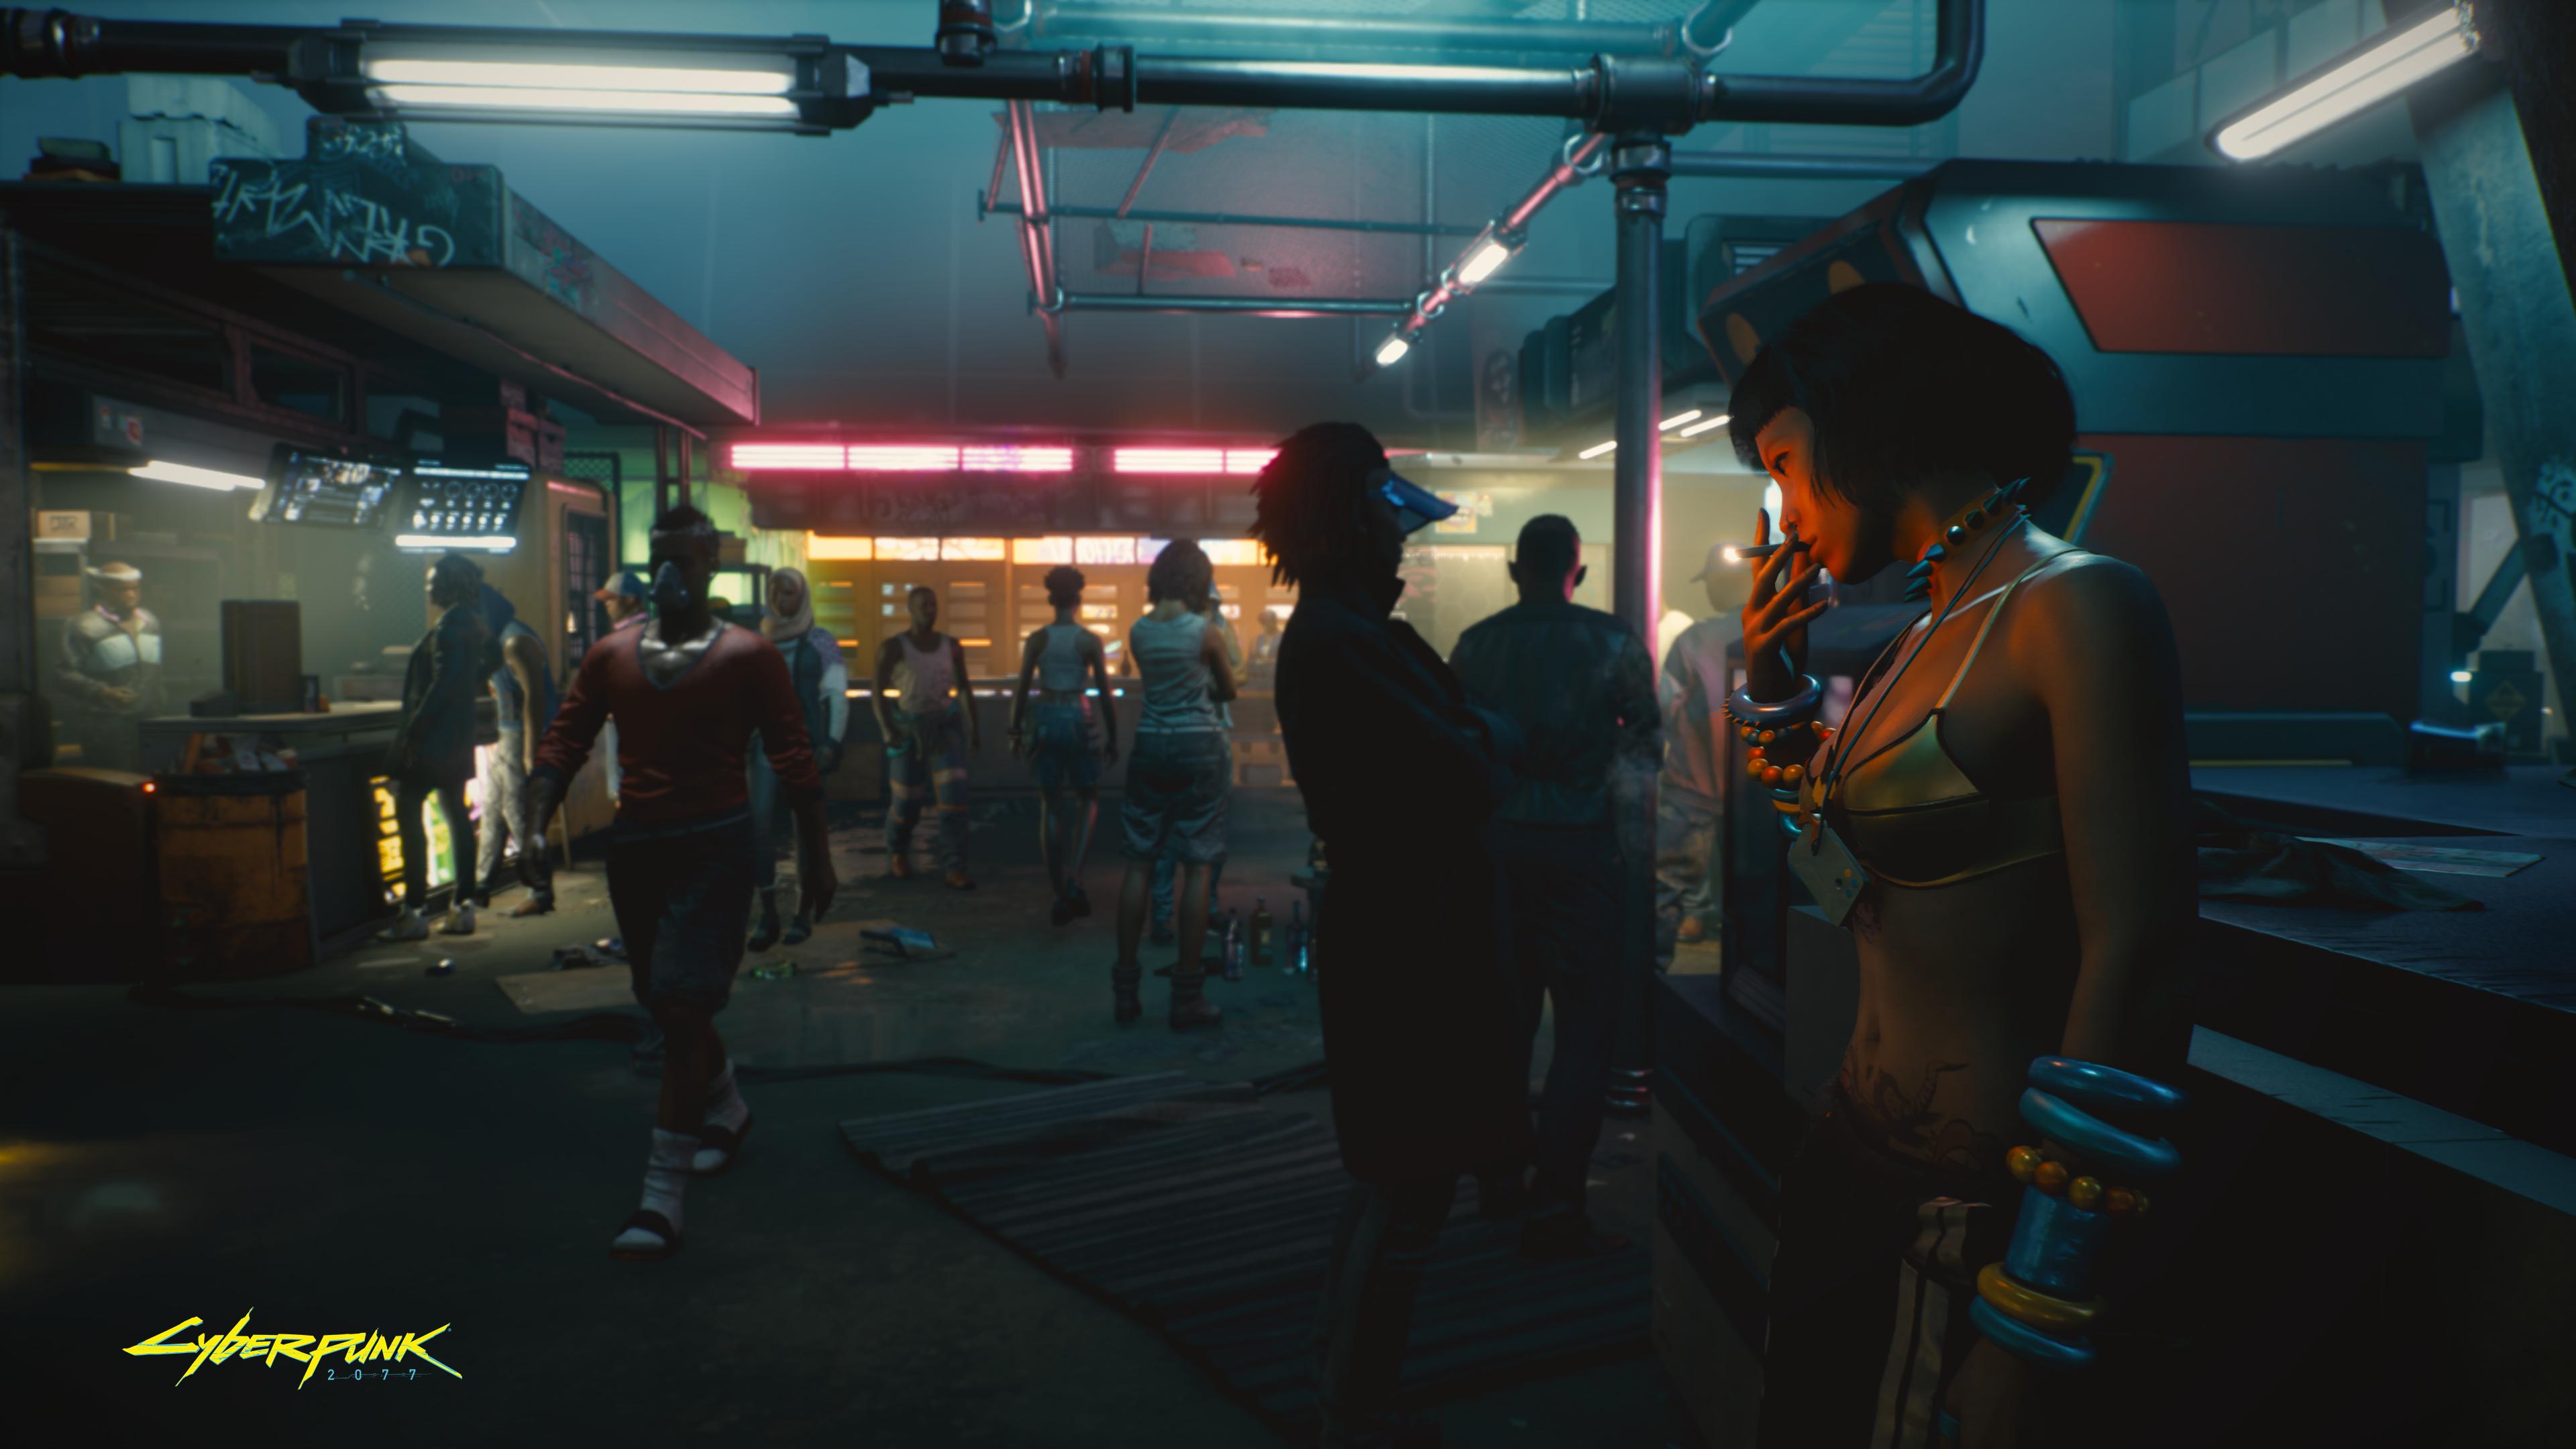 Битва блогеров (Игры), CD Projekt, Видео, Cyberpunk 2077, Xbox Series S, Блоги